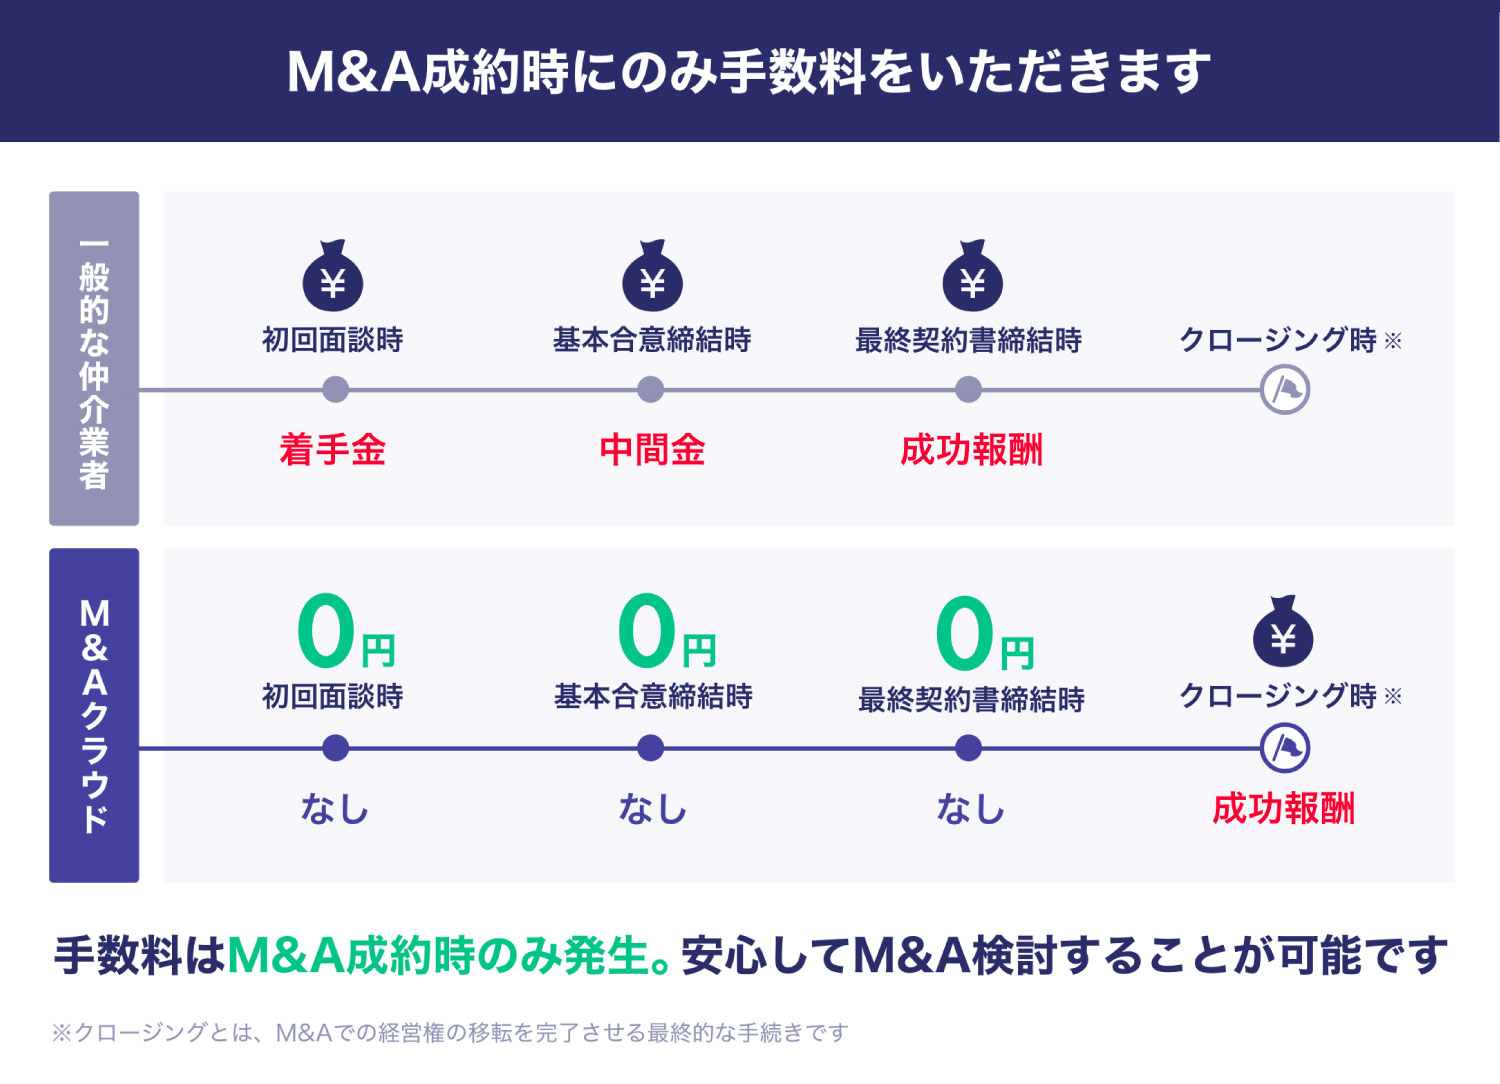 M&A成約時にのみ手数料をいただきます。安心してM&A検討することが可能です。